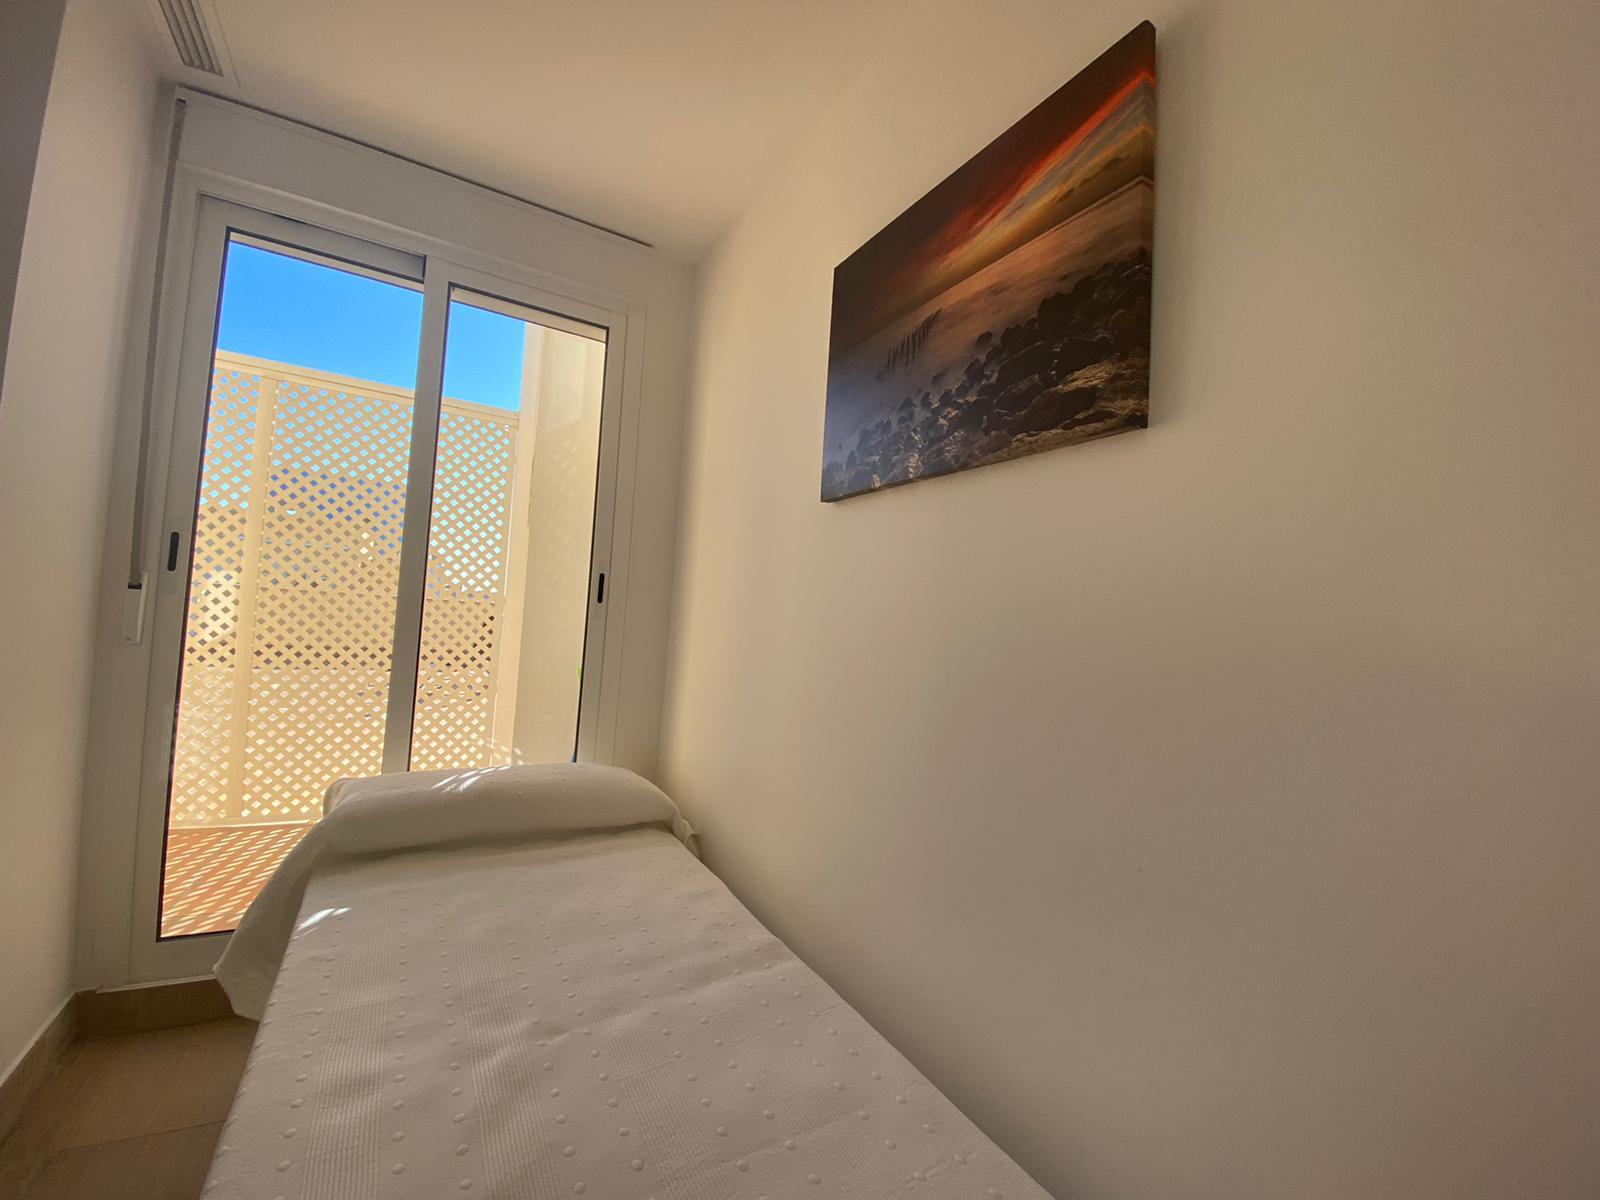 Imagen 24 del Apartamento Turístico, Ático 7 Levante (3d +2b), Punta del Moral (HUELVA), Paseo de la Cruz nº22